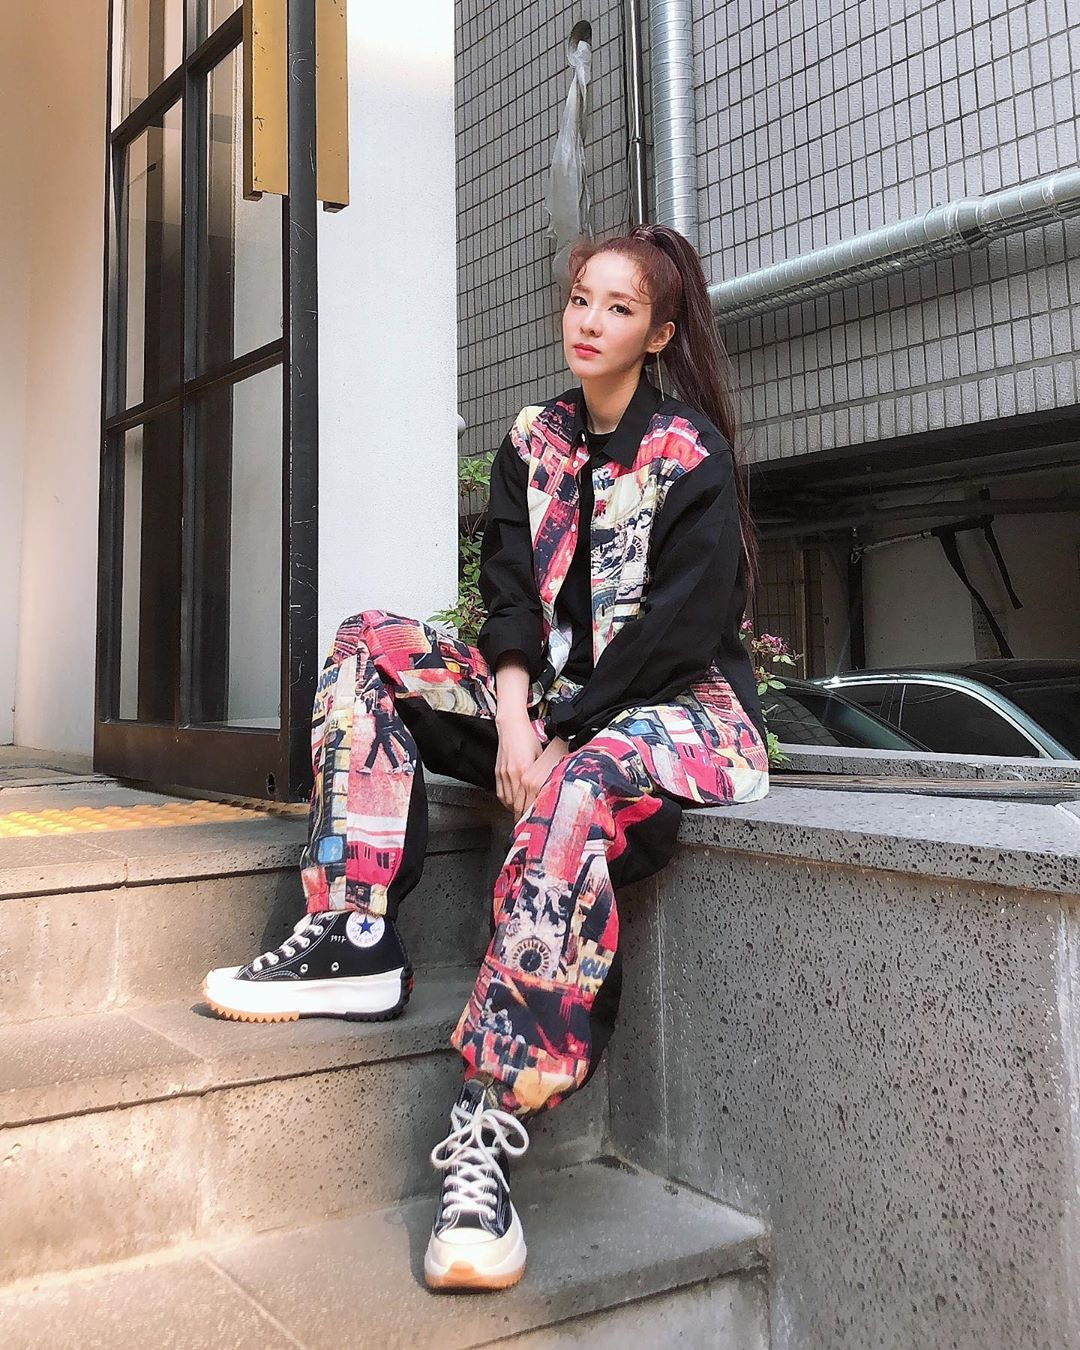 Sao Hàn Dara mặc đồ họa tiết màu sắc, mang giày Converse